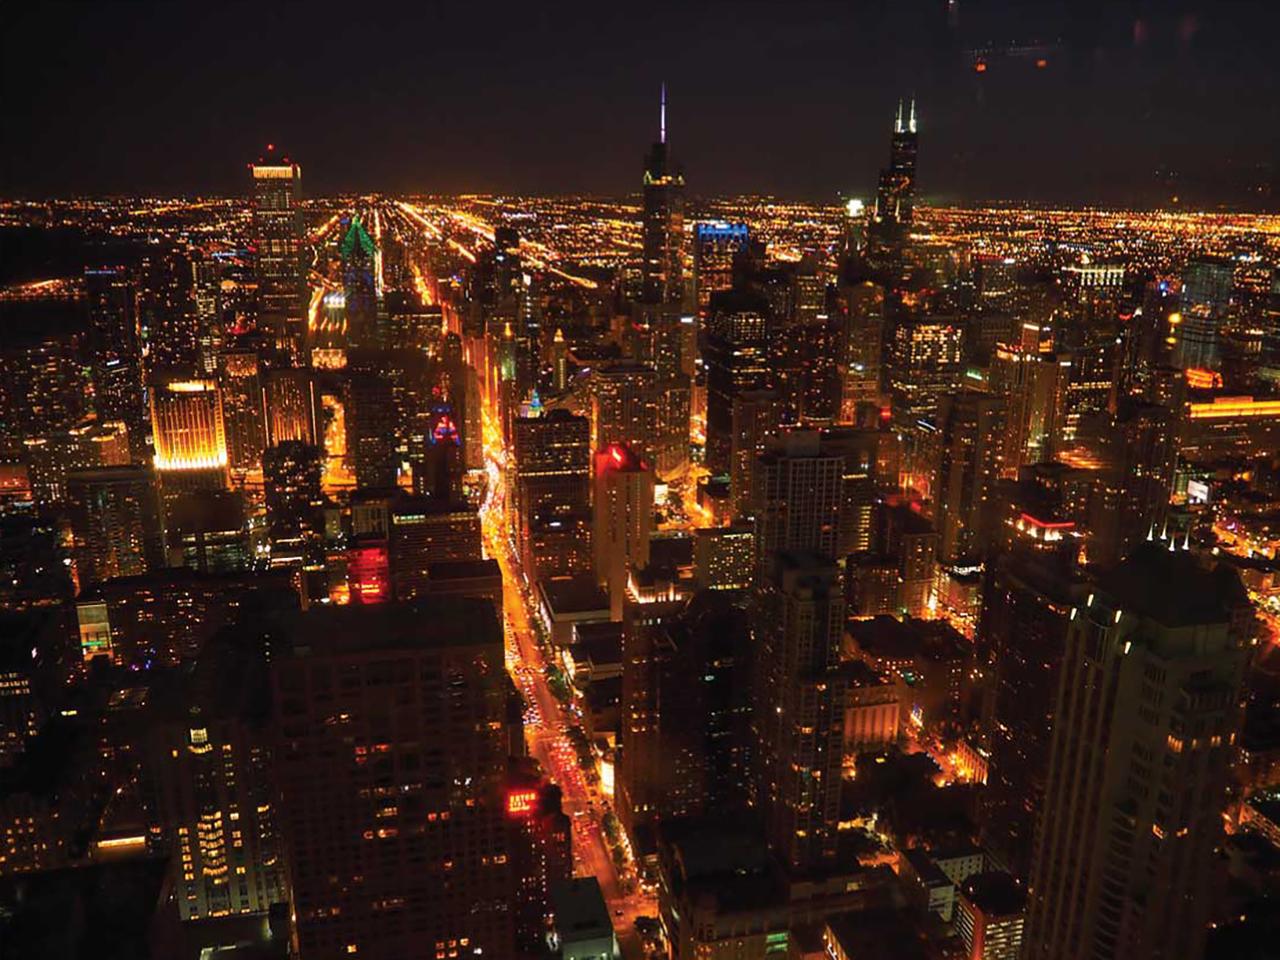 ②街がギラギラと輝く、夜景での1枚。(言葉を失いました。)